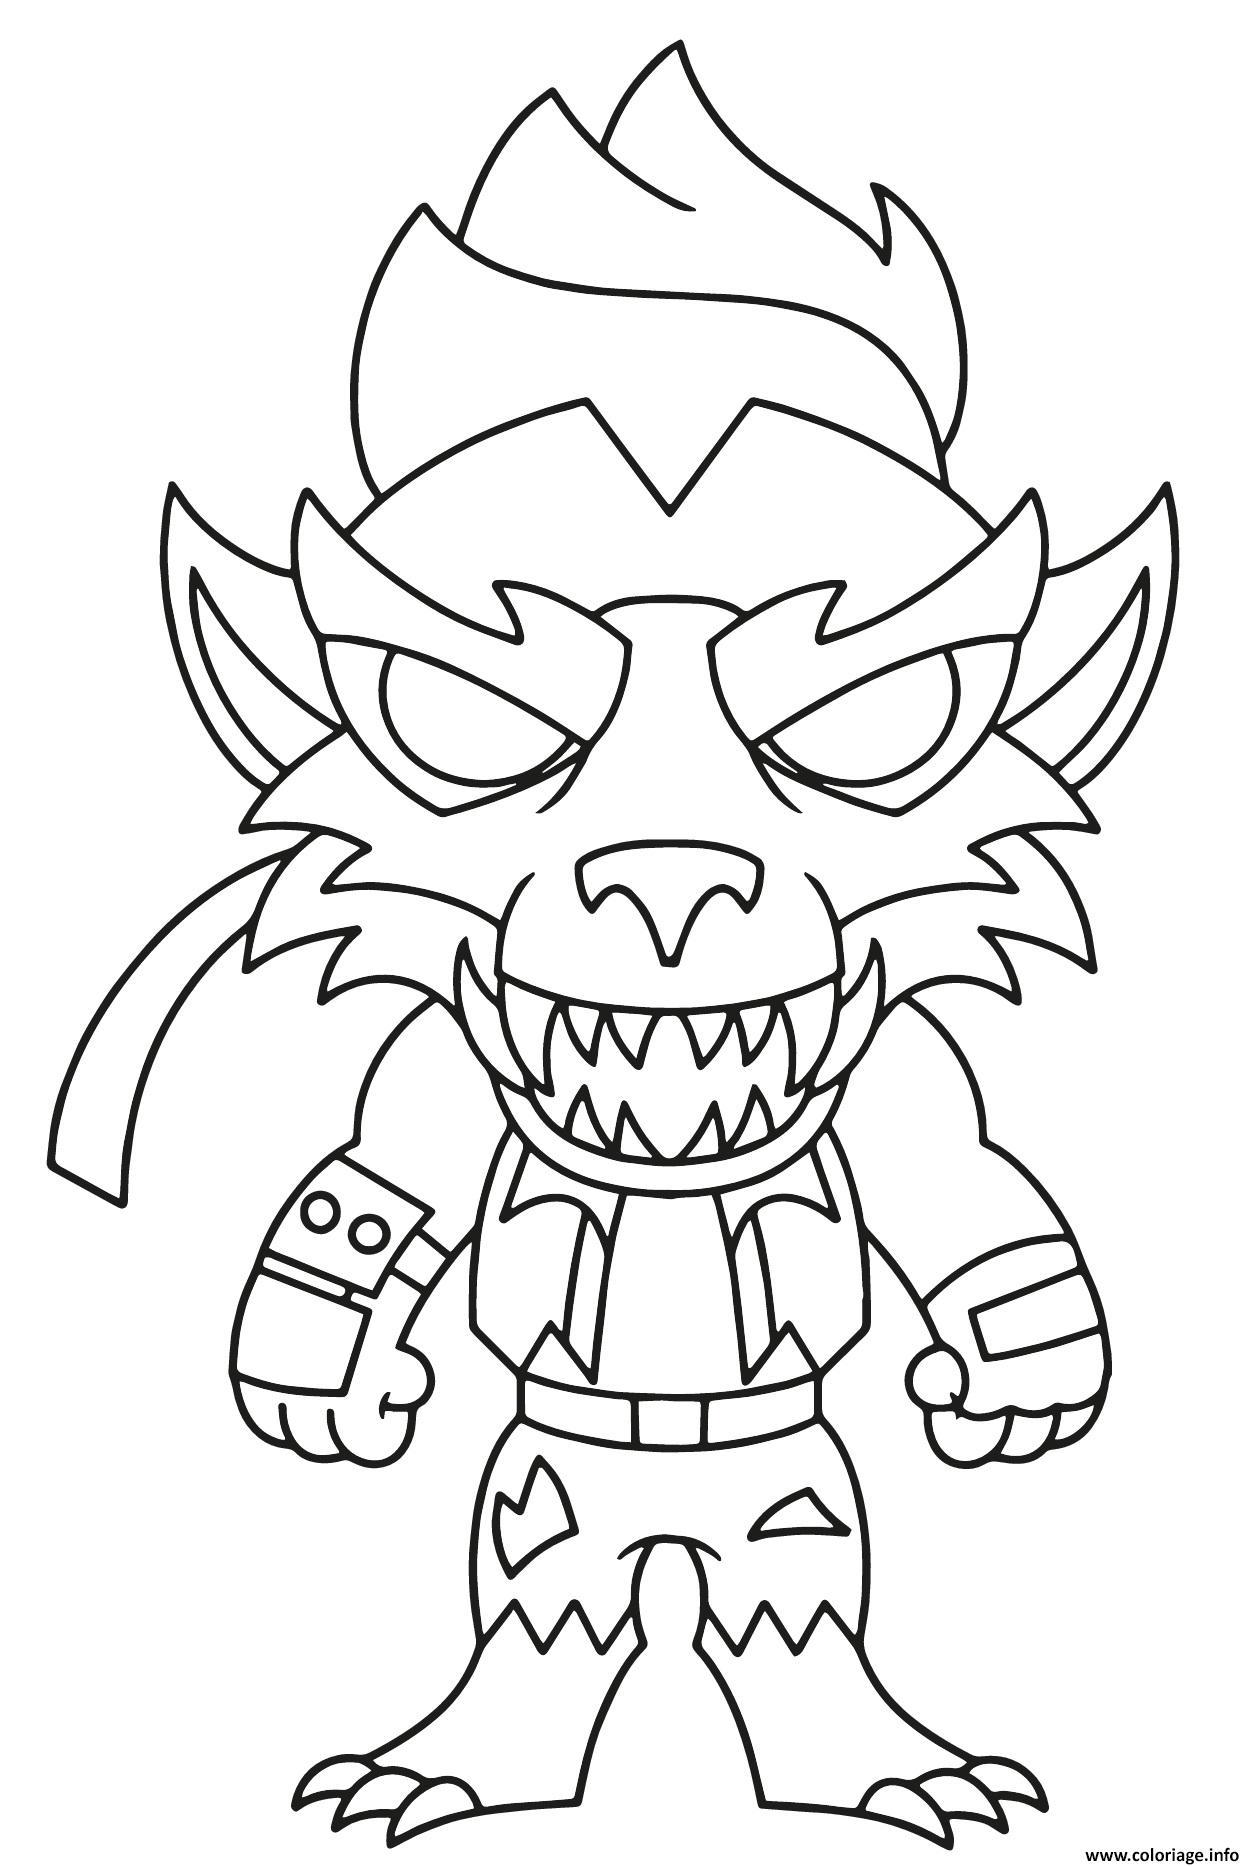 Dessin Tier Werewolf Dire Coloriage Gratuit à Imprimer